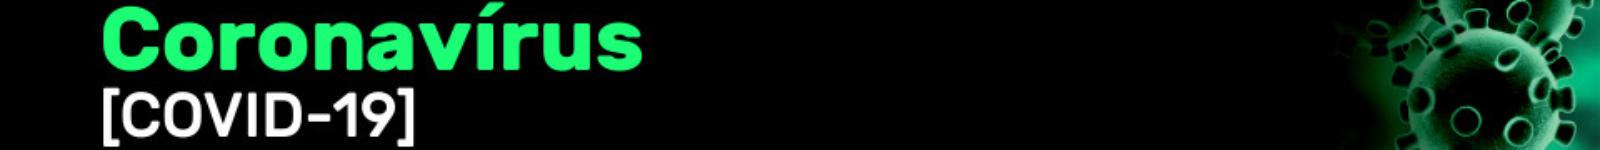 Cabeçalho CORONA